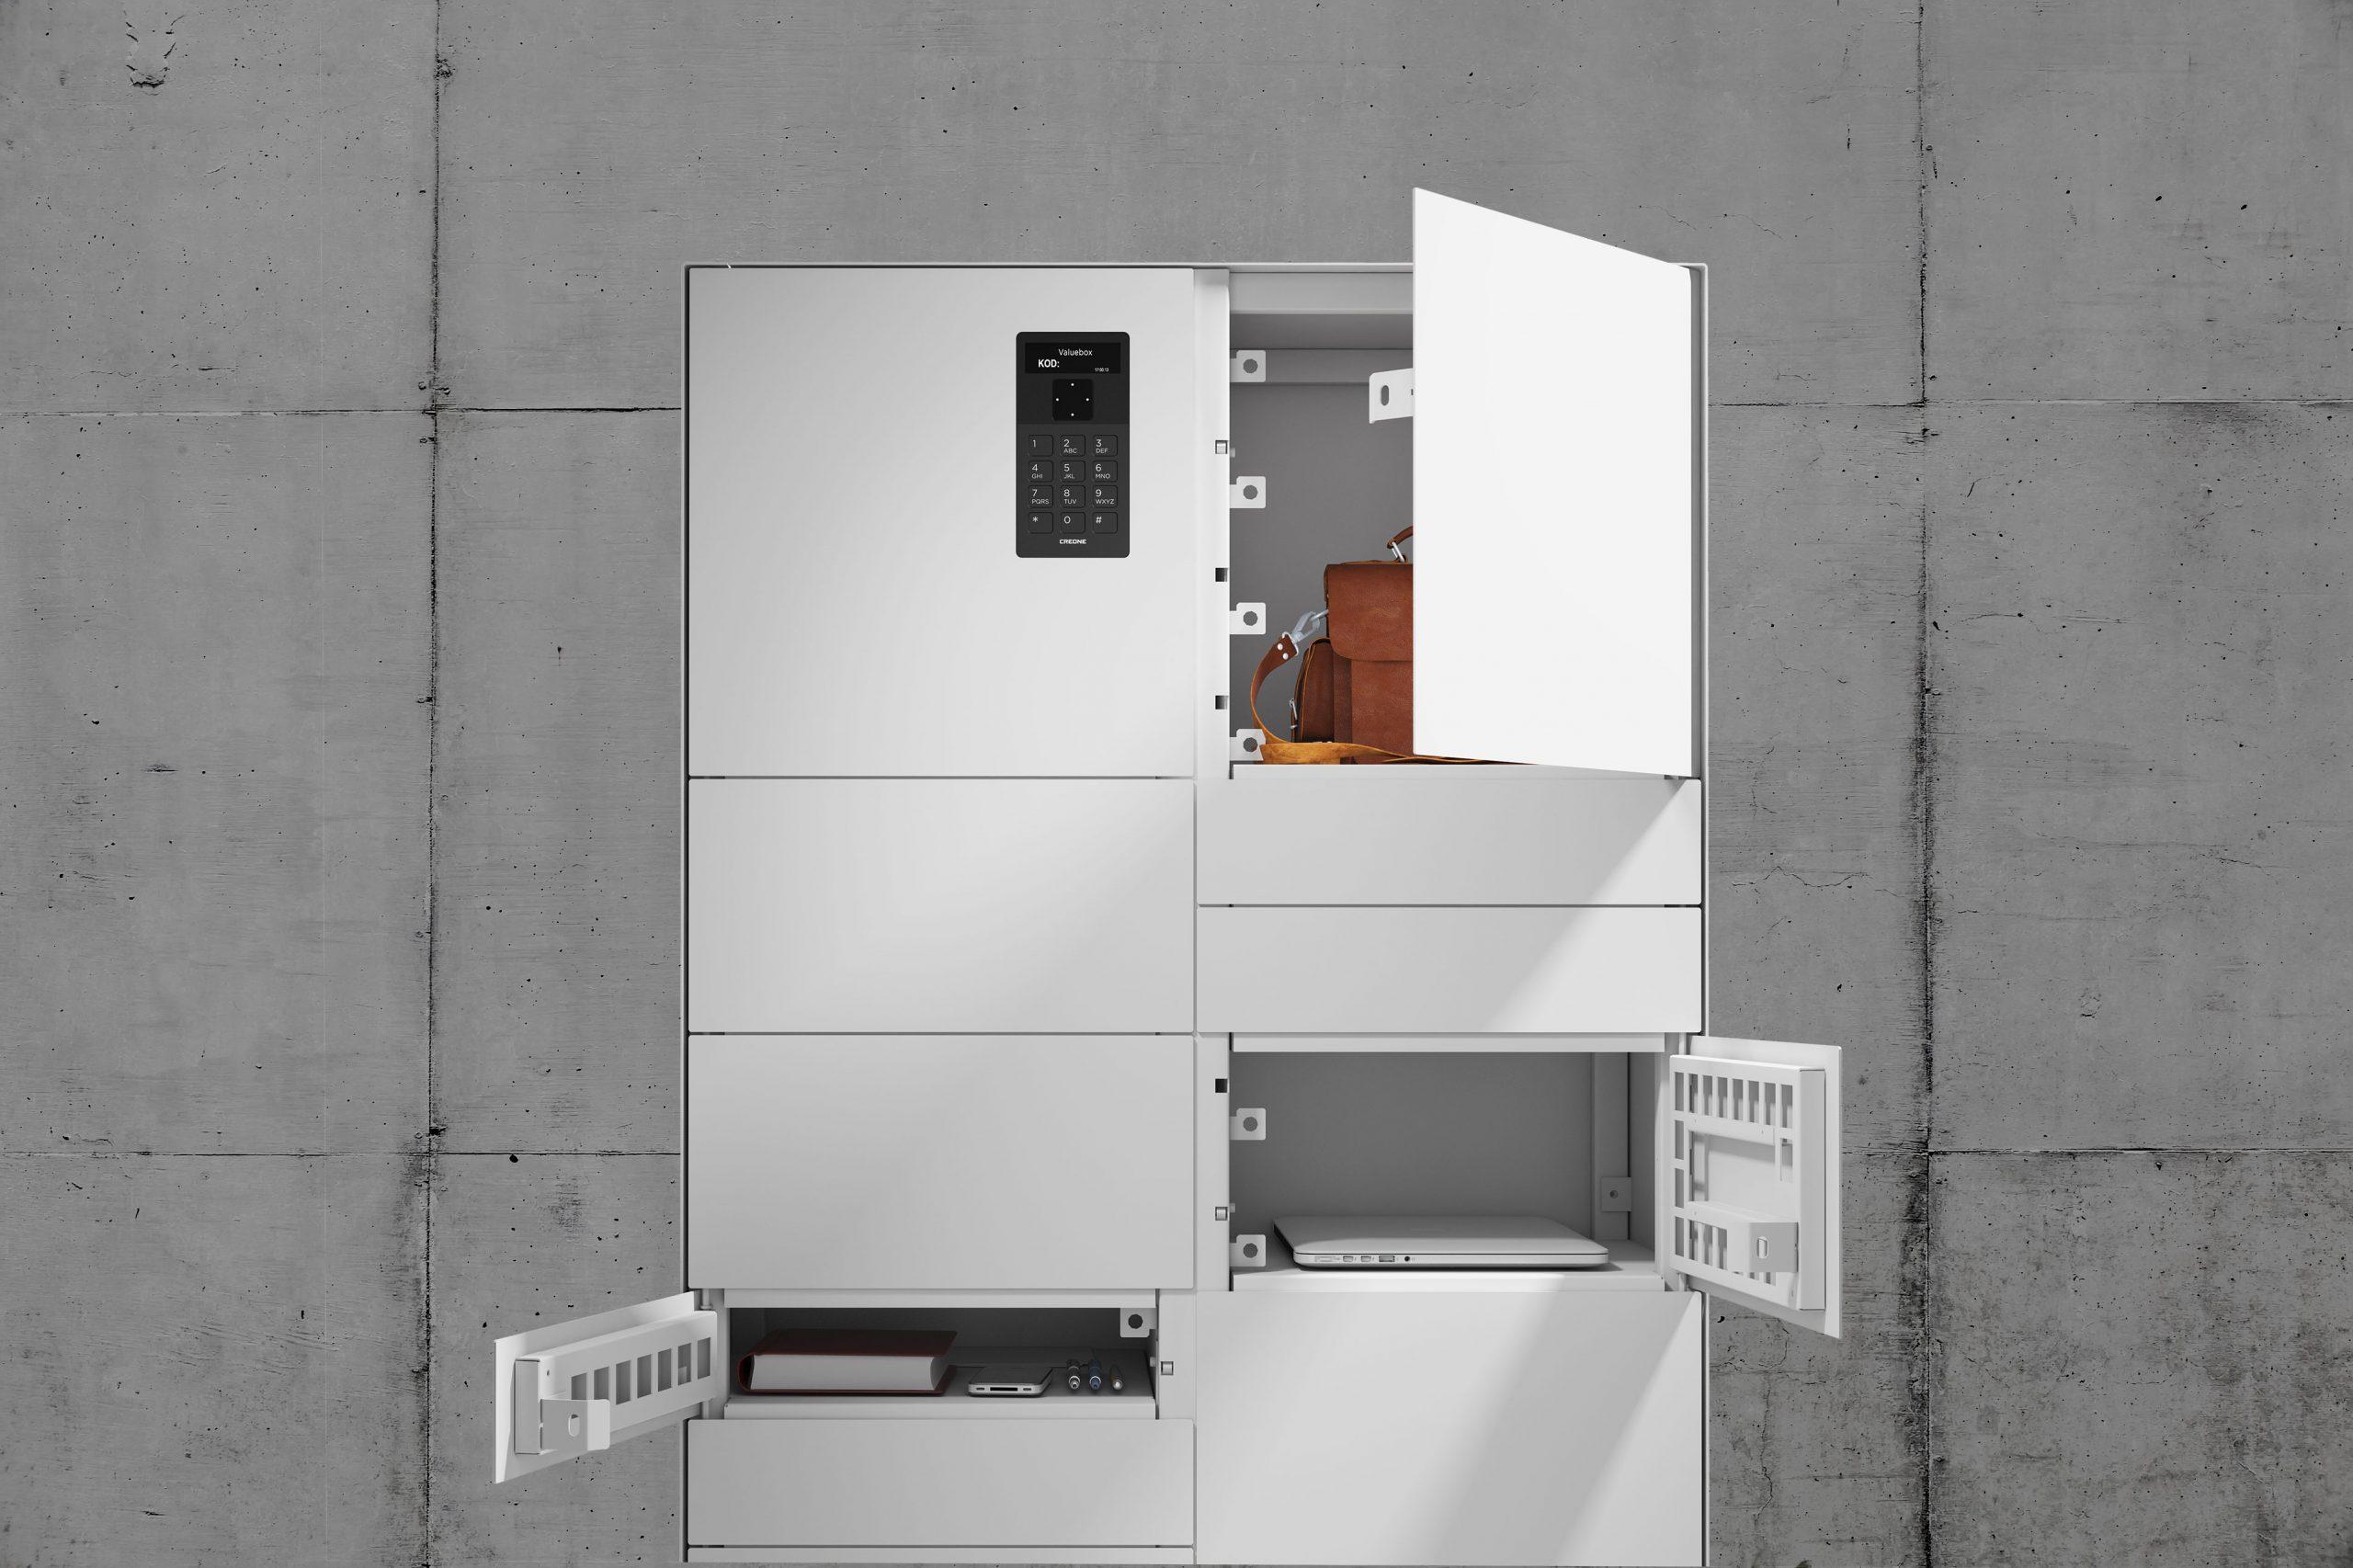 Armoire ValueBox SC de la série Control avec trois différents types de compartiments pour le stockage d'objets.